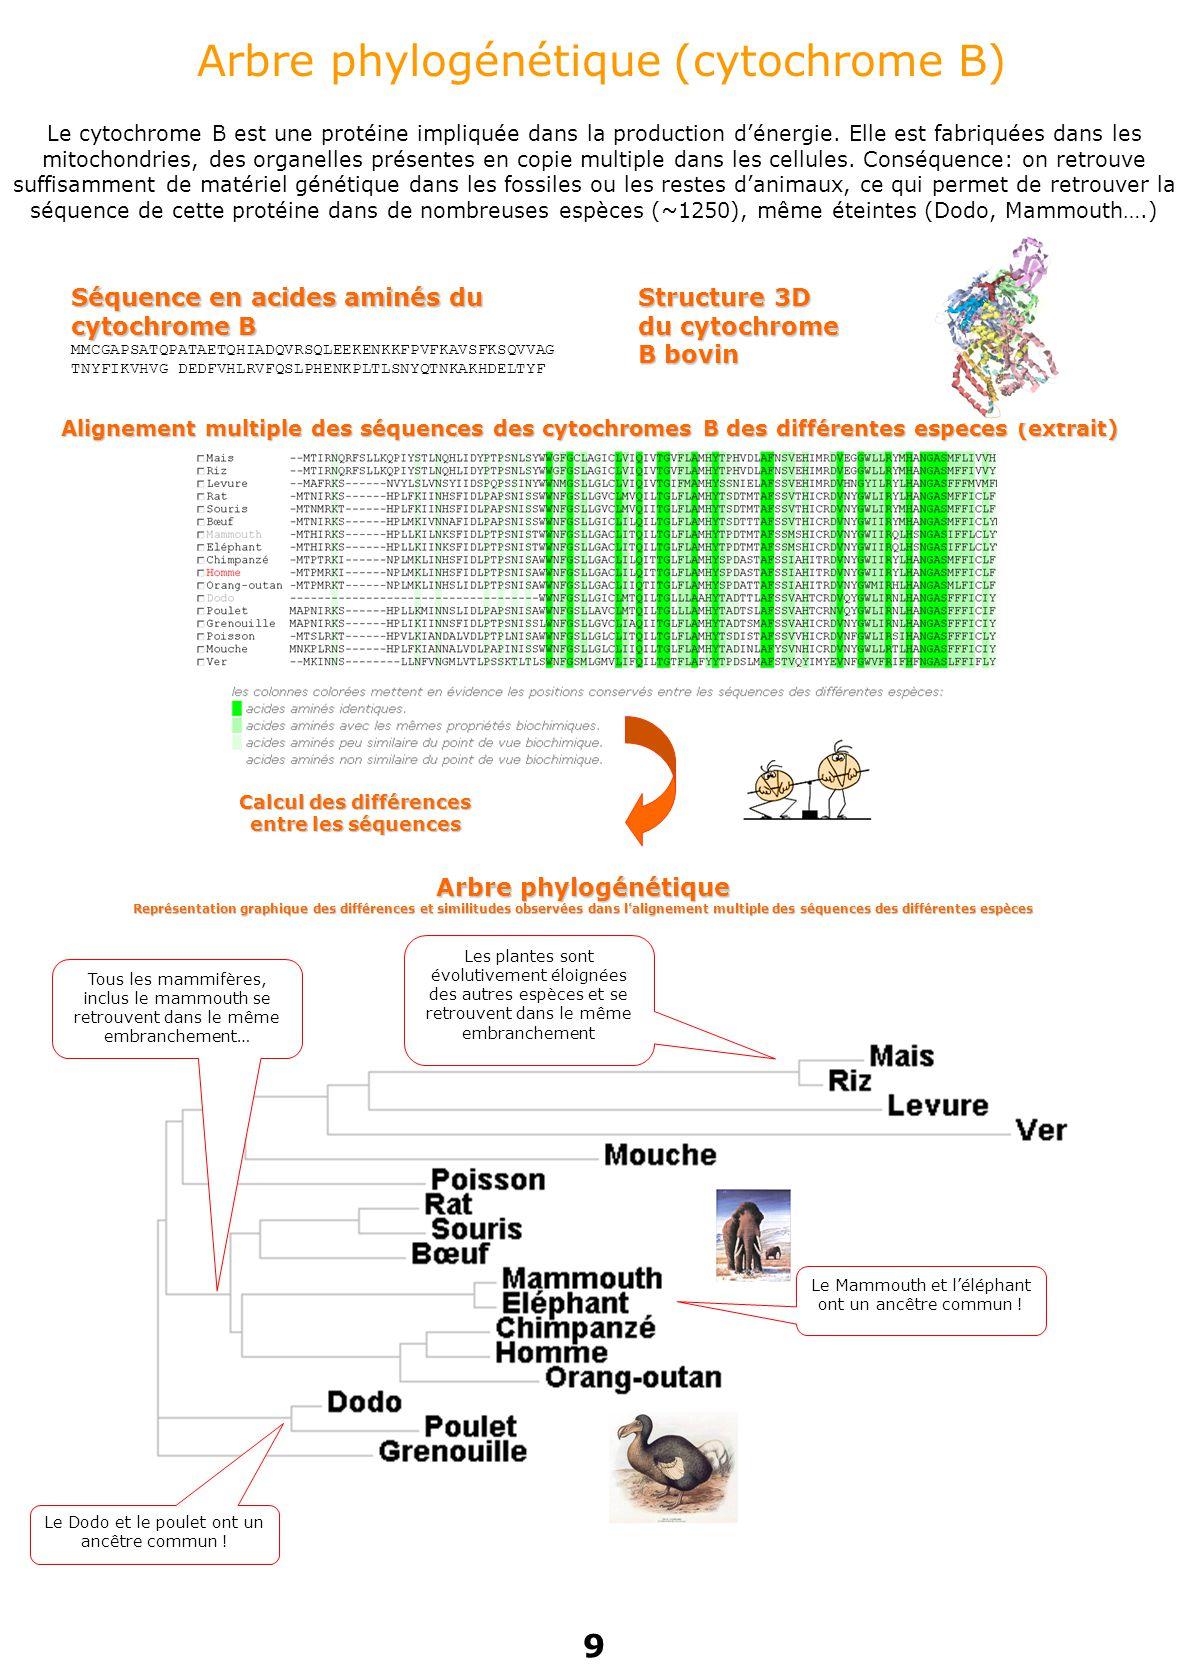 Arbre phylogénétique (cytochrome B) Le cytochrome B est une protéine impliquée dans la production d'énergie.